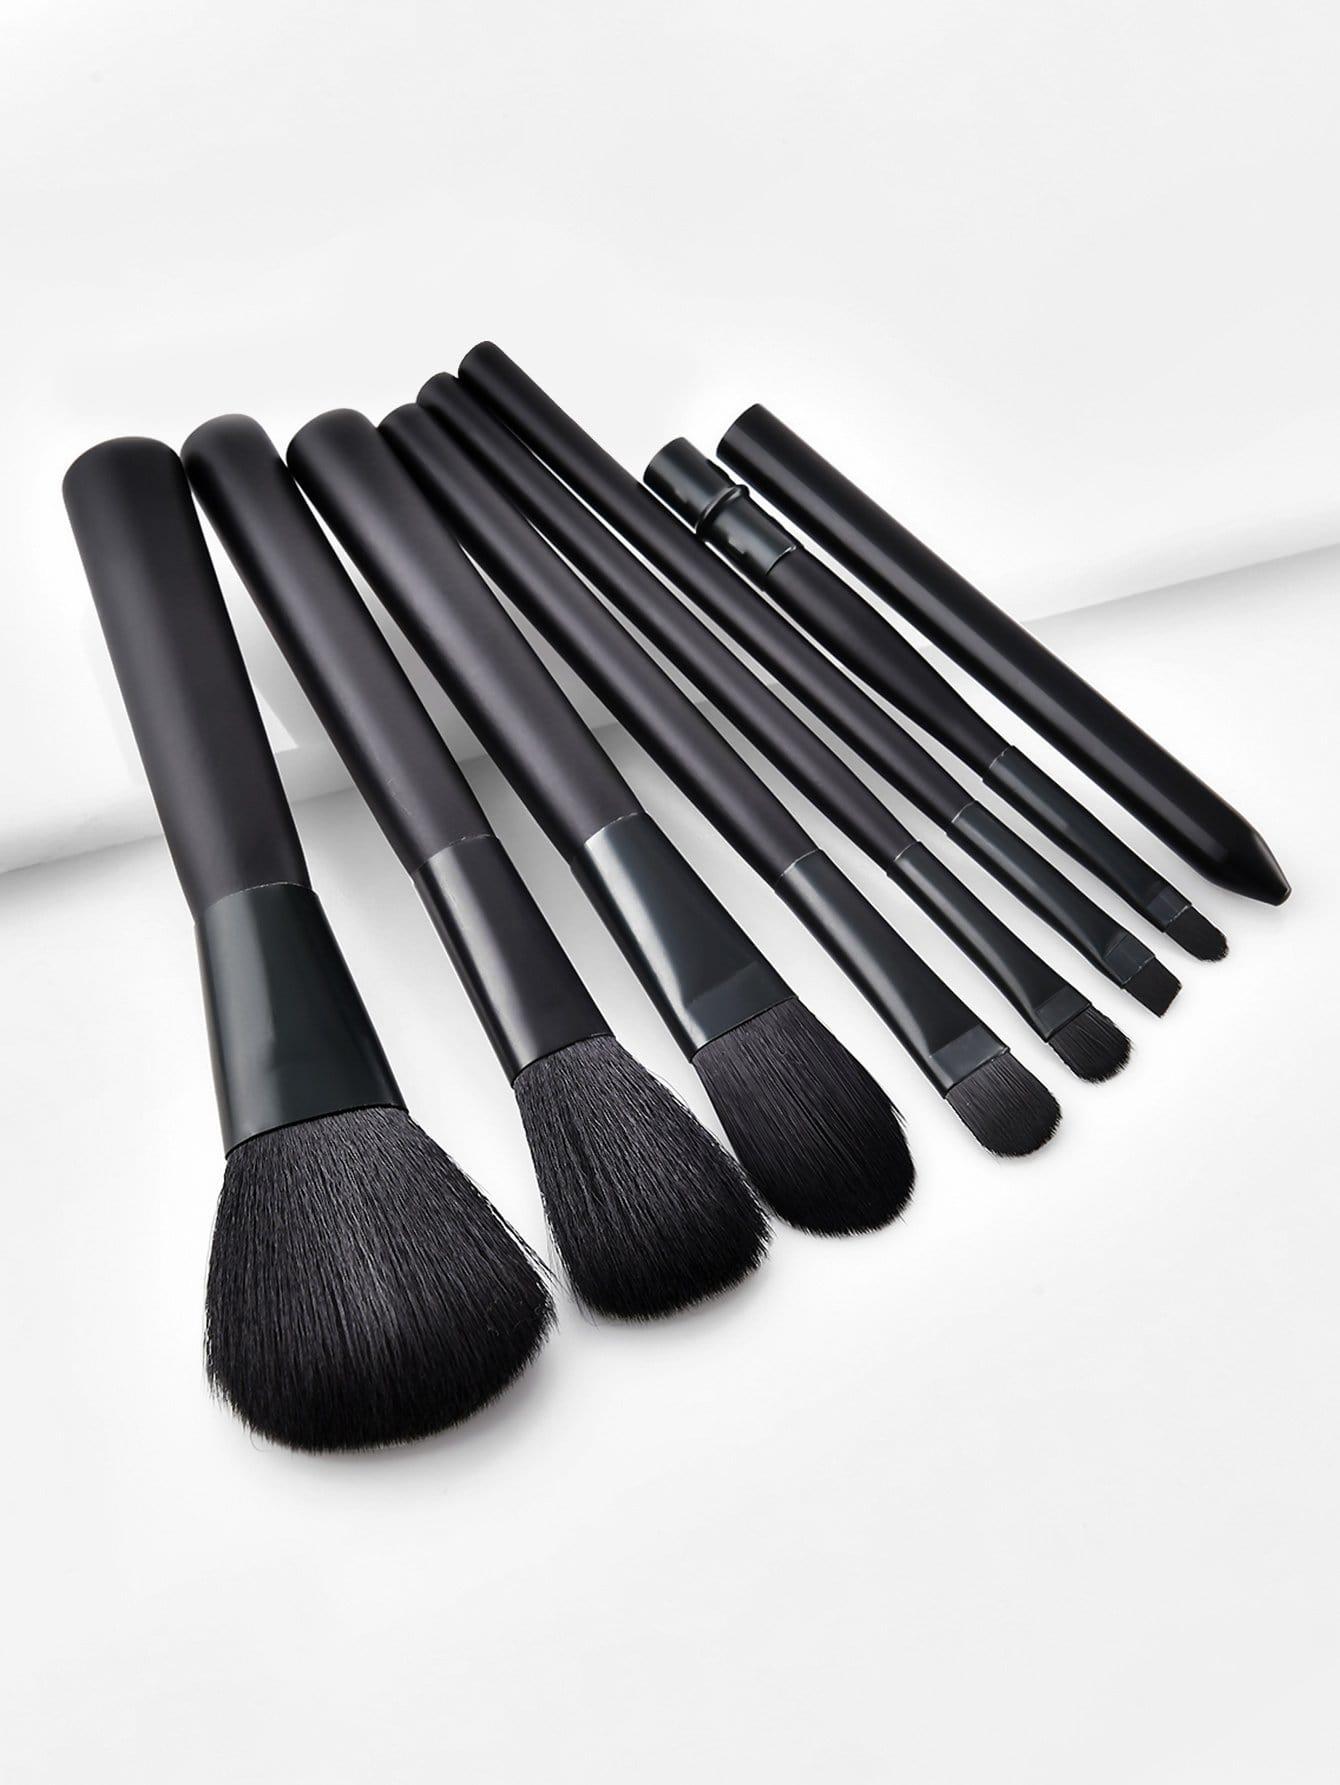 Professional Makeup Brush 7pcs professional makeup brush 7pcs